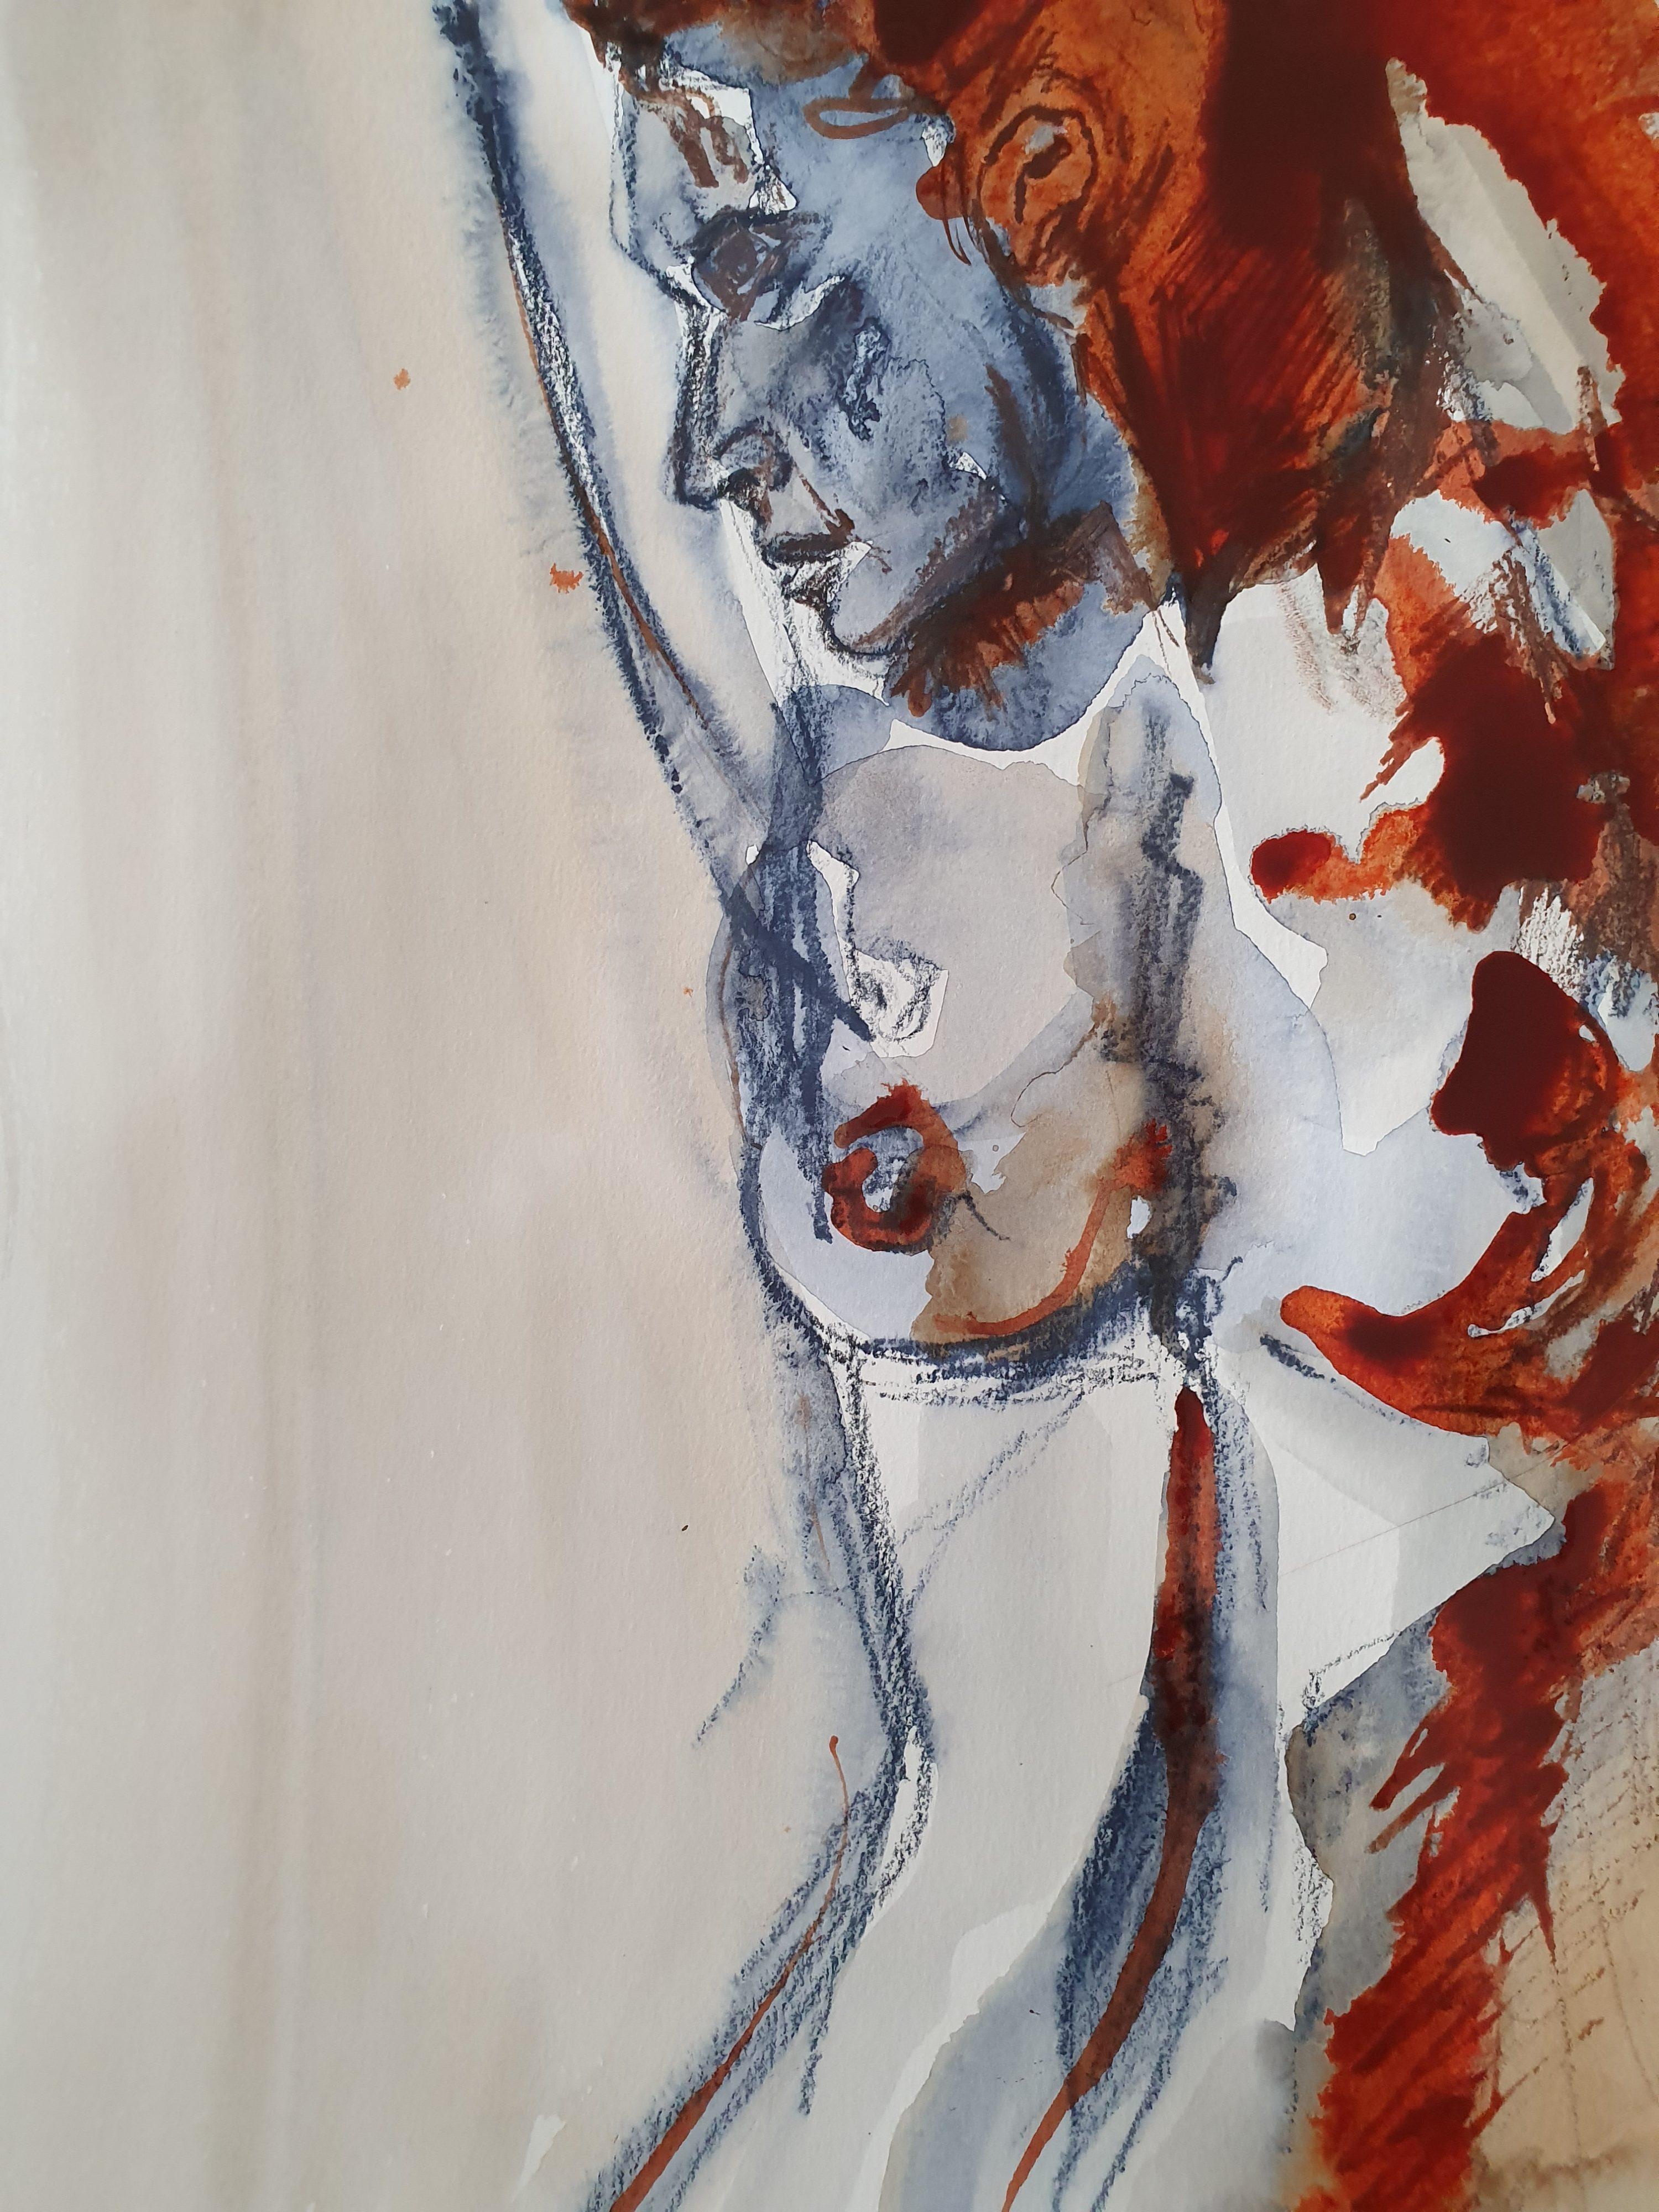 Dessin technique mixte aquarelle bleu blanc et rouge